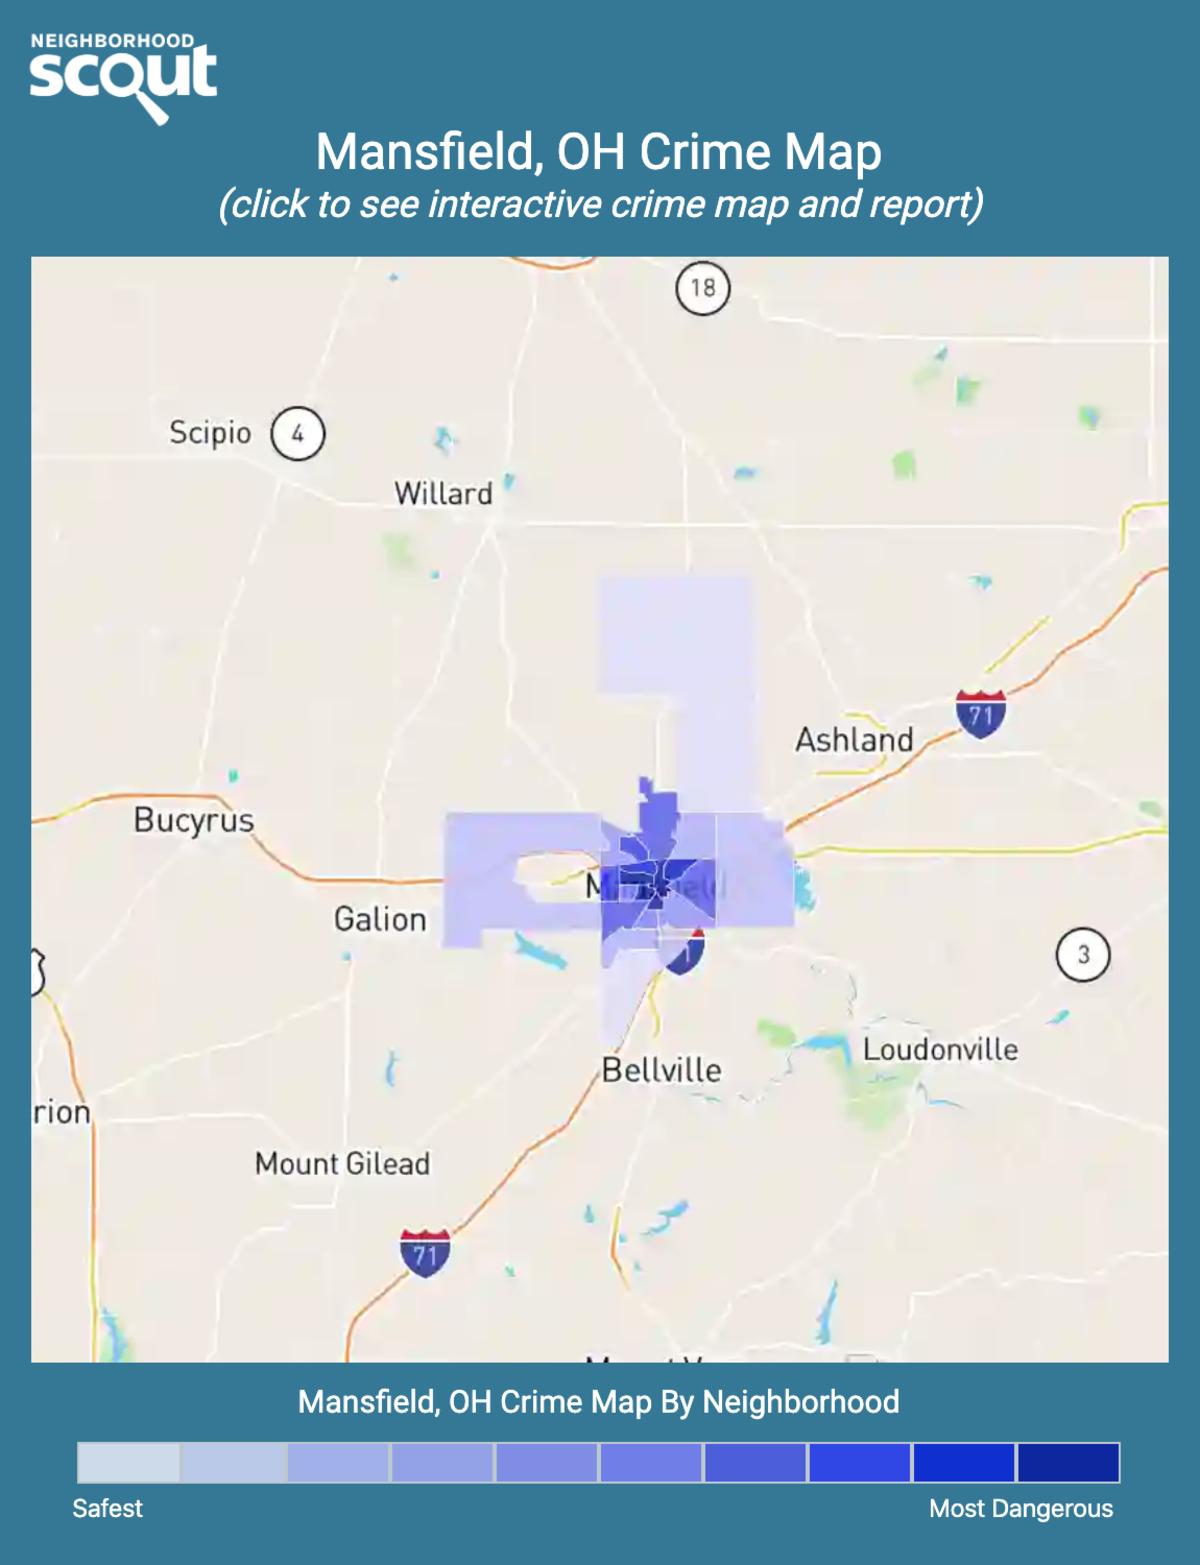 Mansfield, Ohio crime map